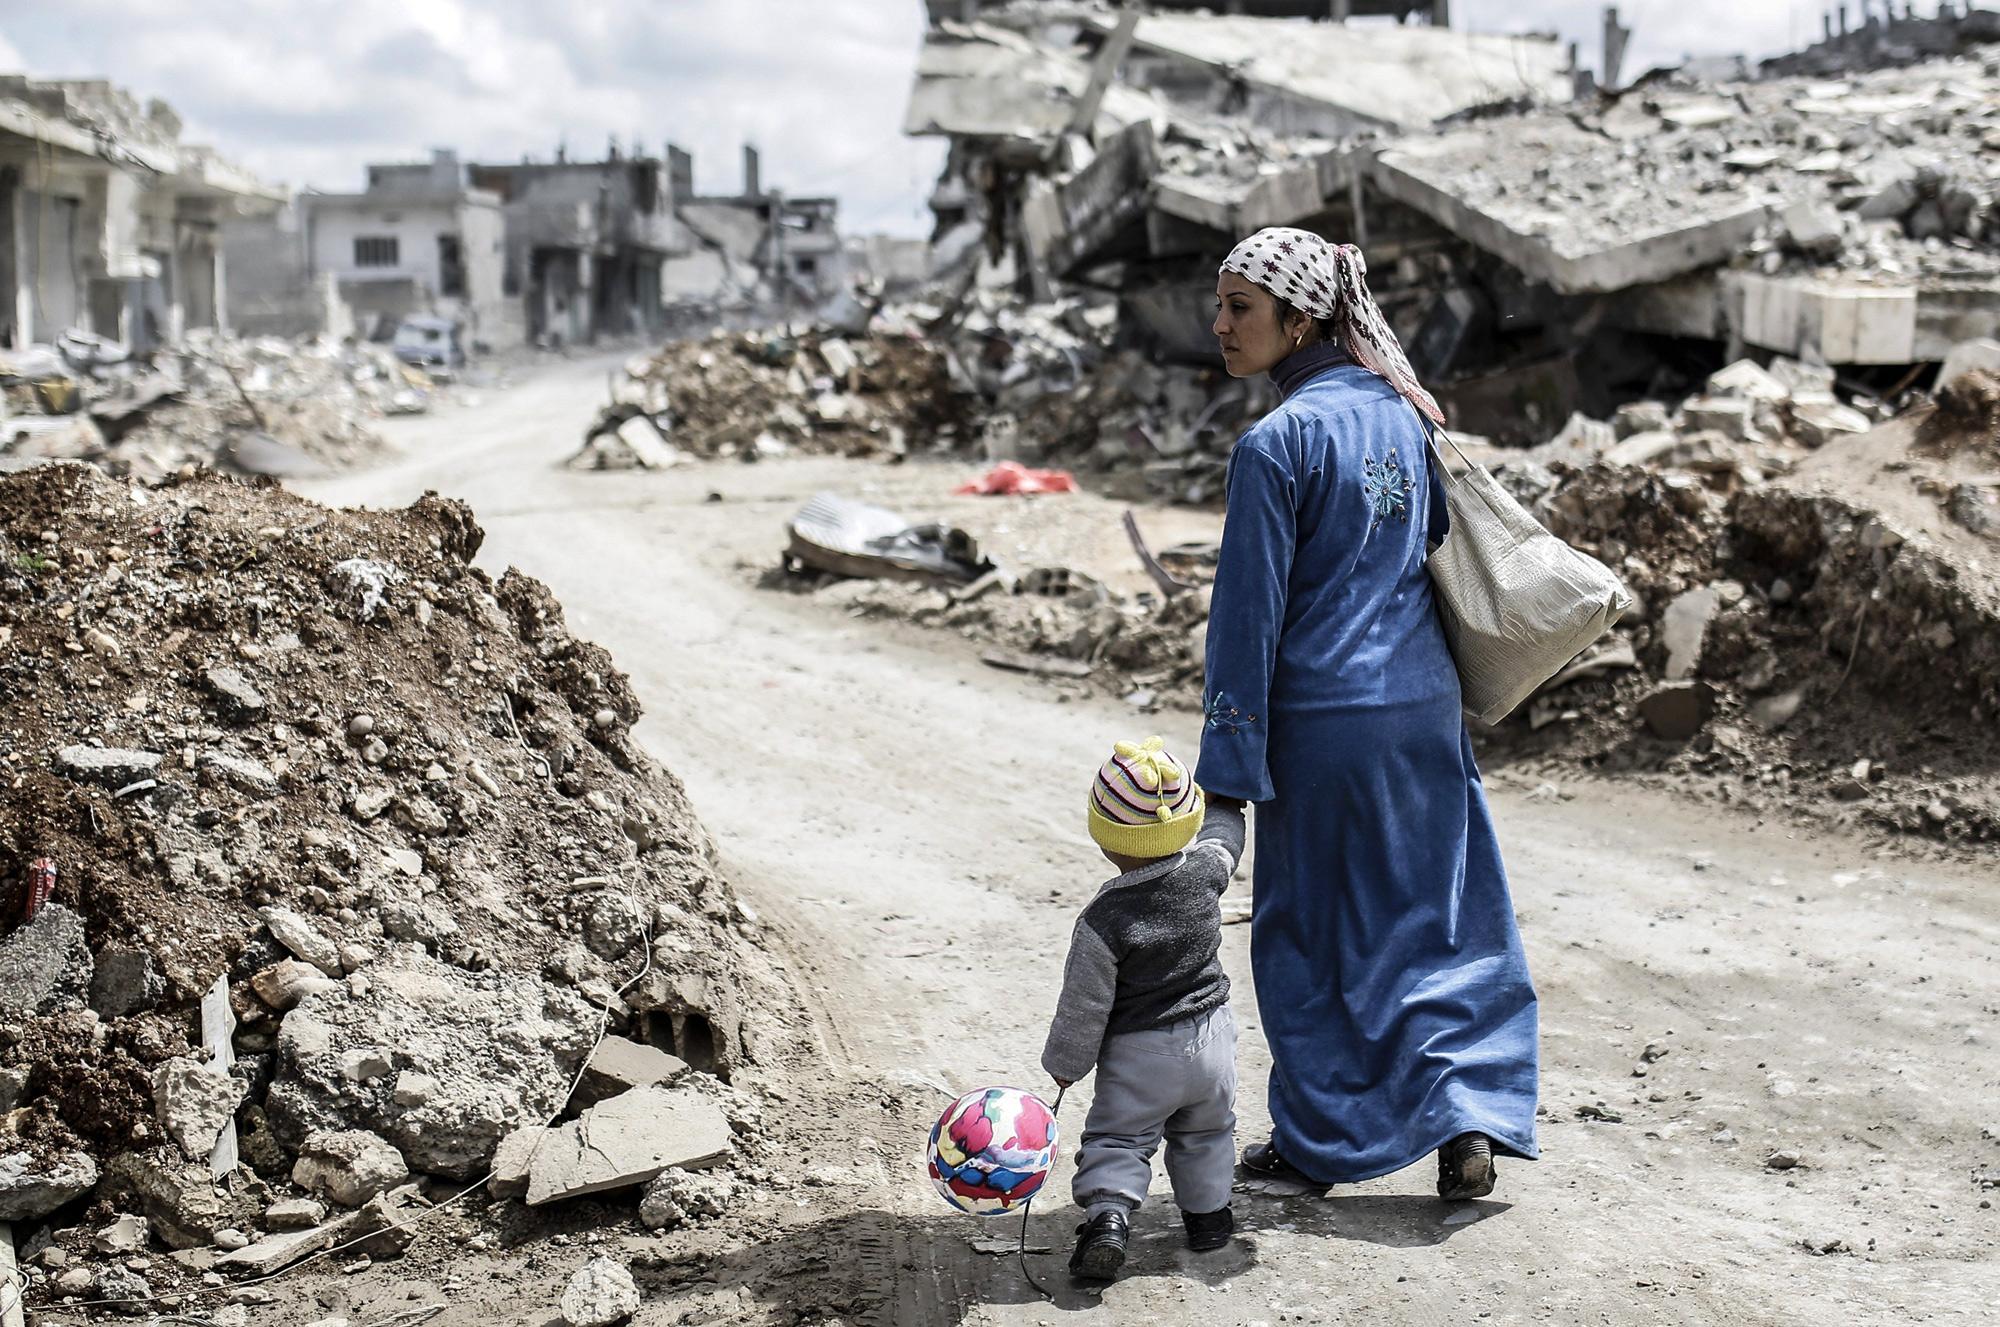 صورة العرب السنة الخاسر الأكبر في سوريا.. وفقدوا الغالبية فيها!